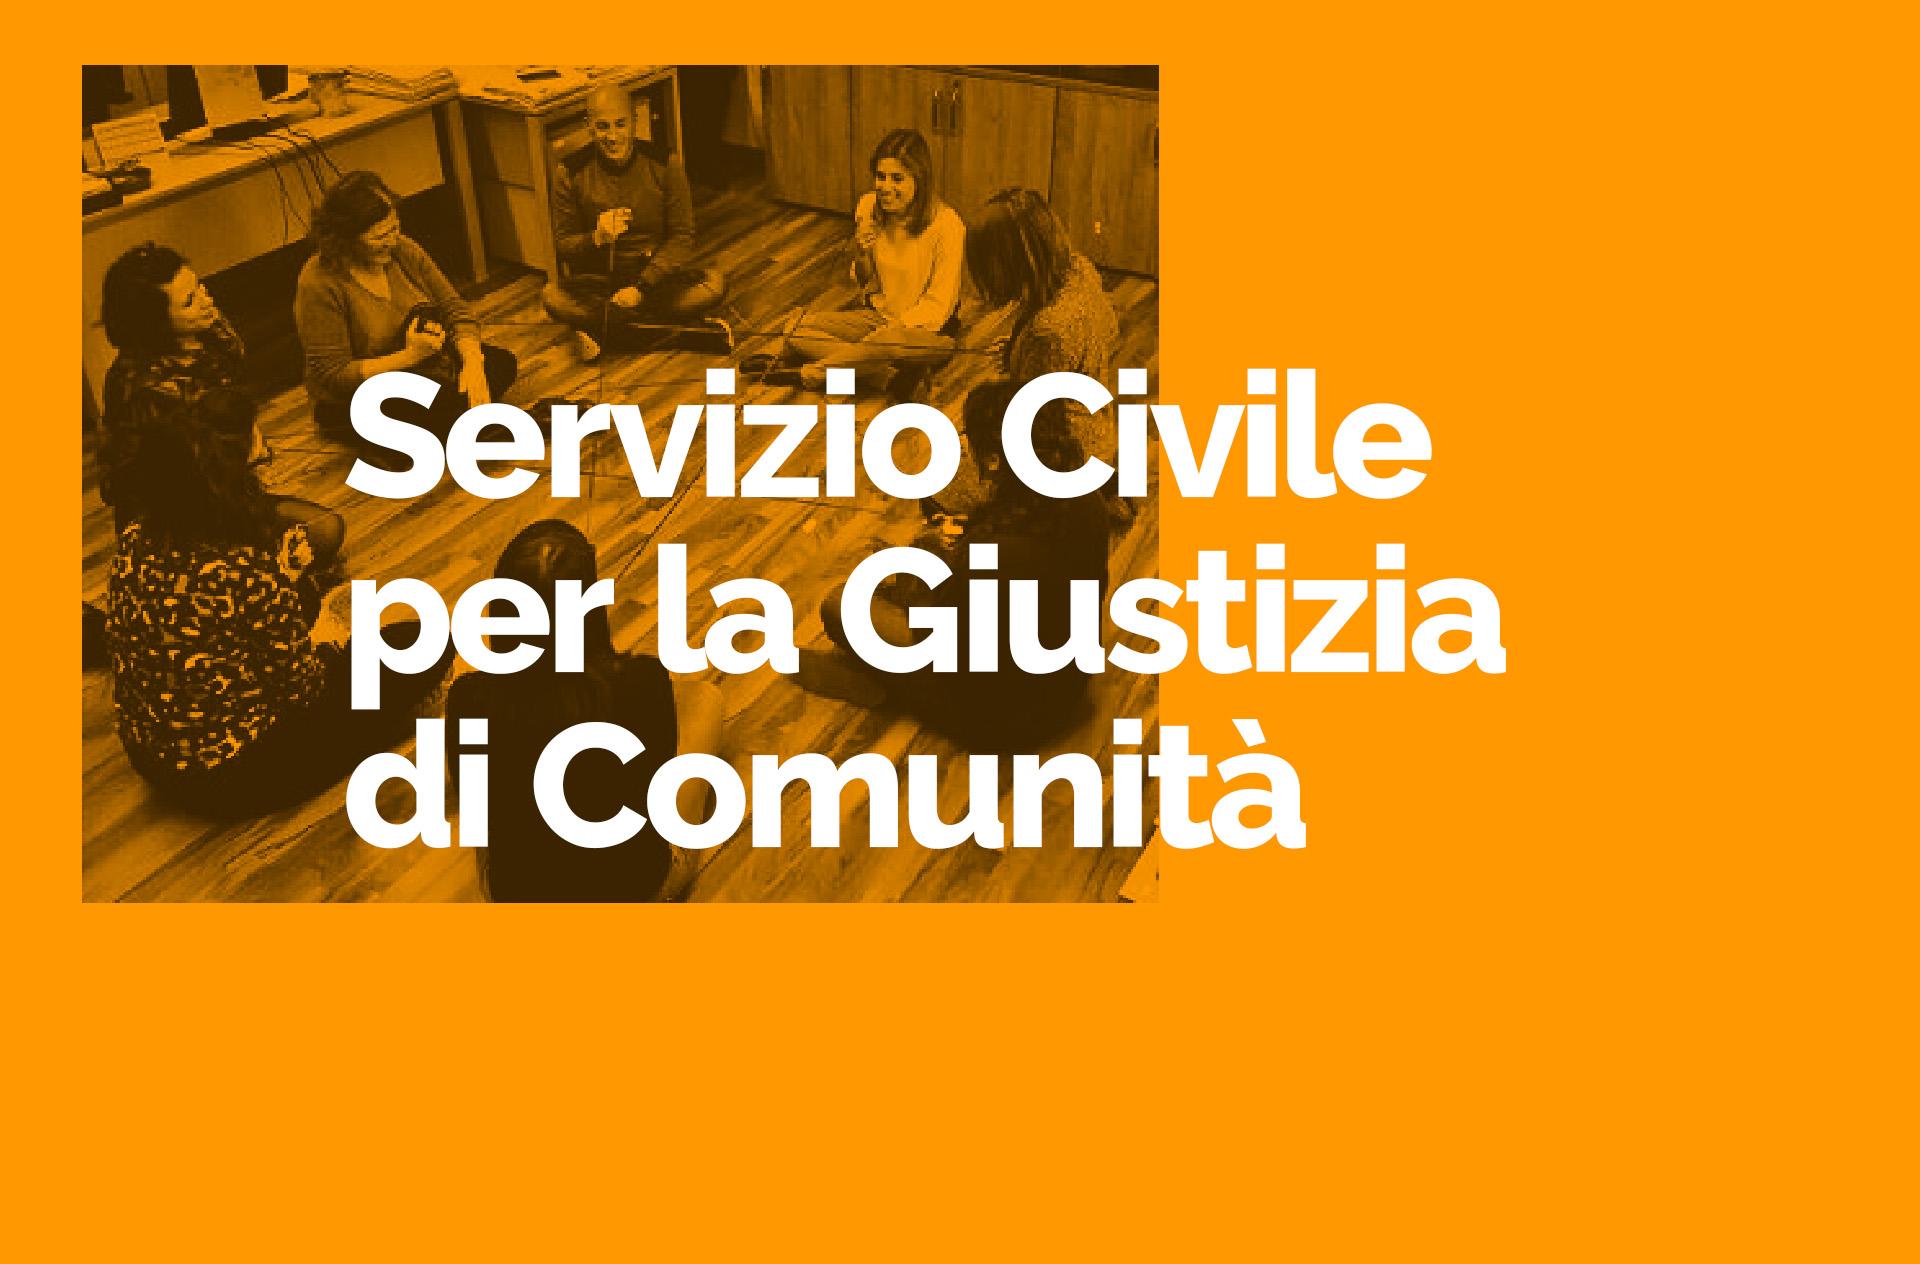 Progetti di servizio civile per la Giustizia di Comunità - 2021 2022